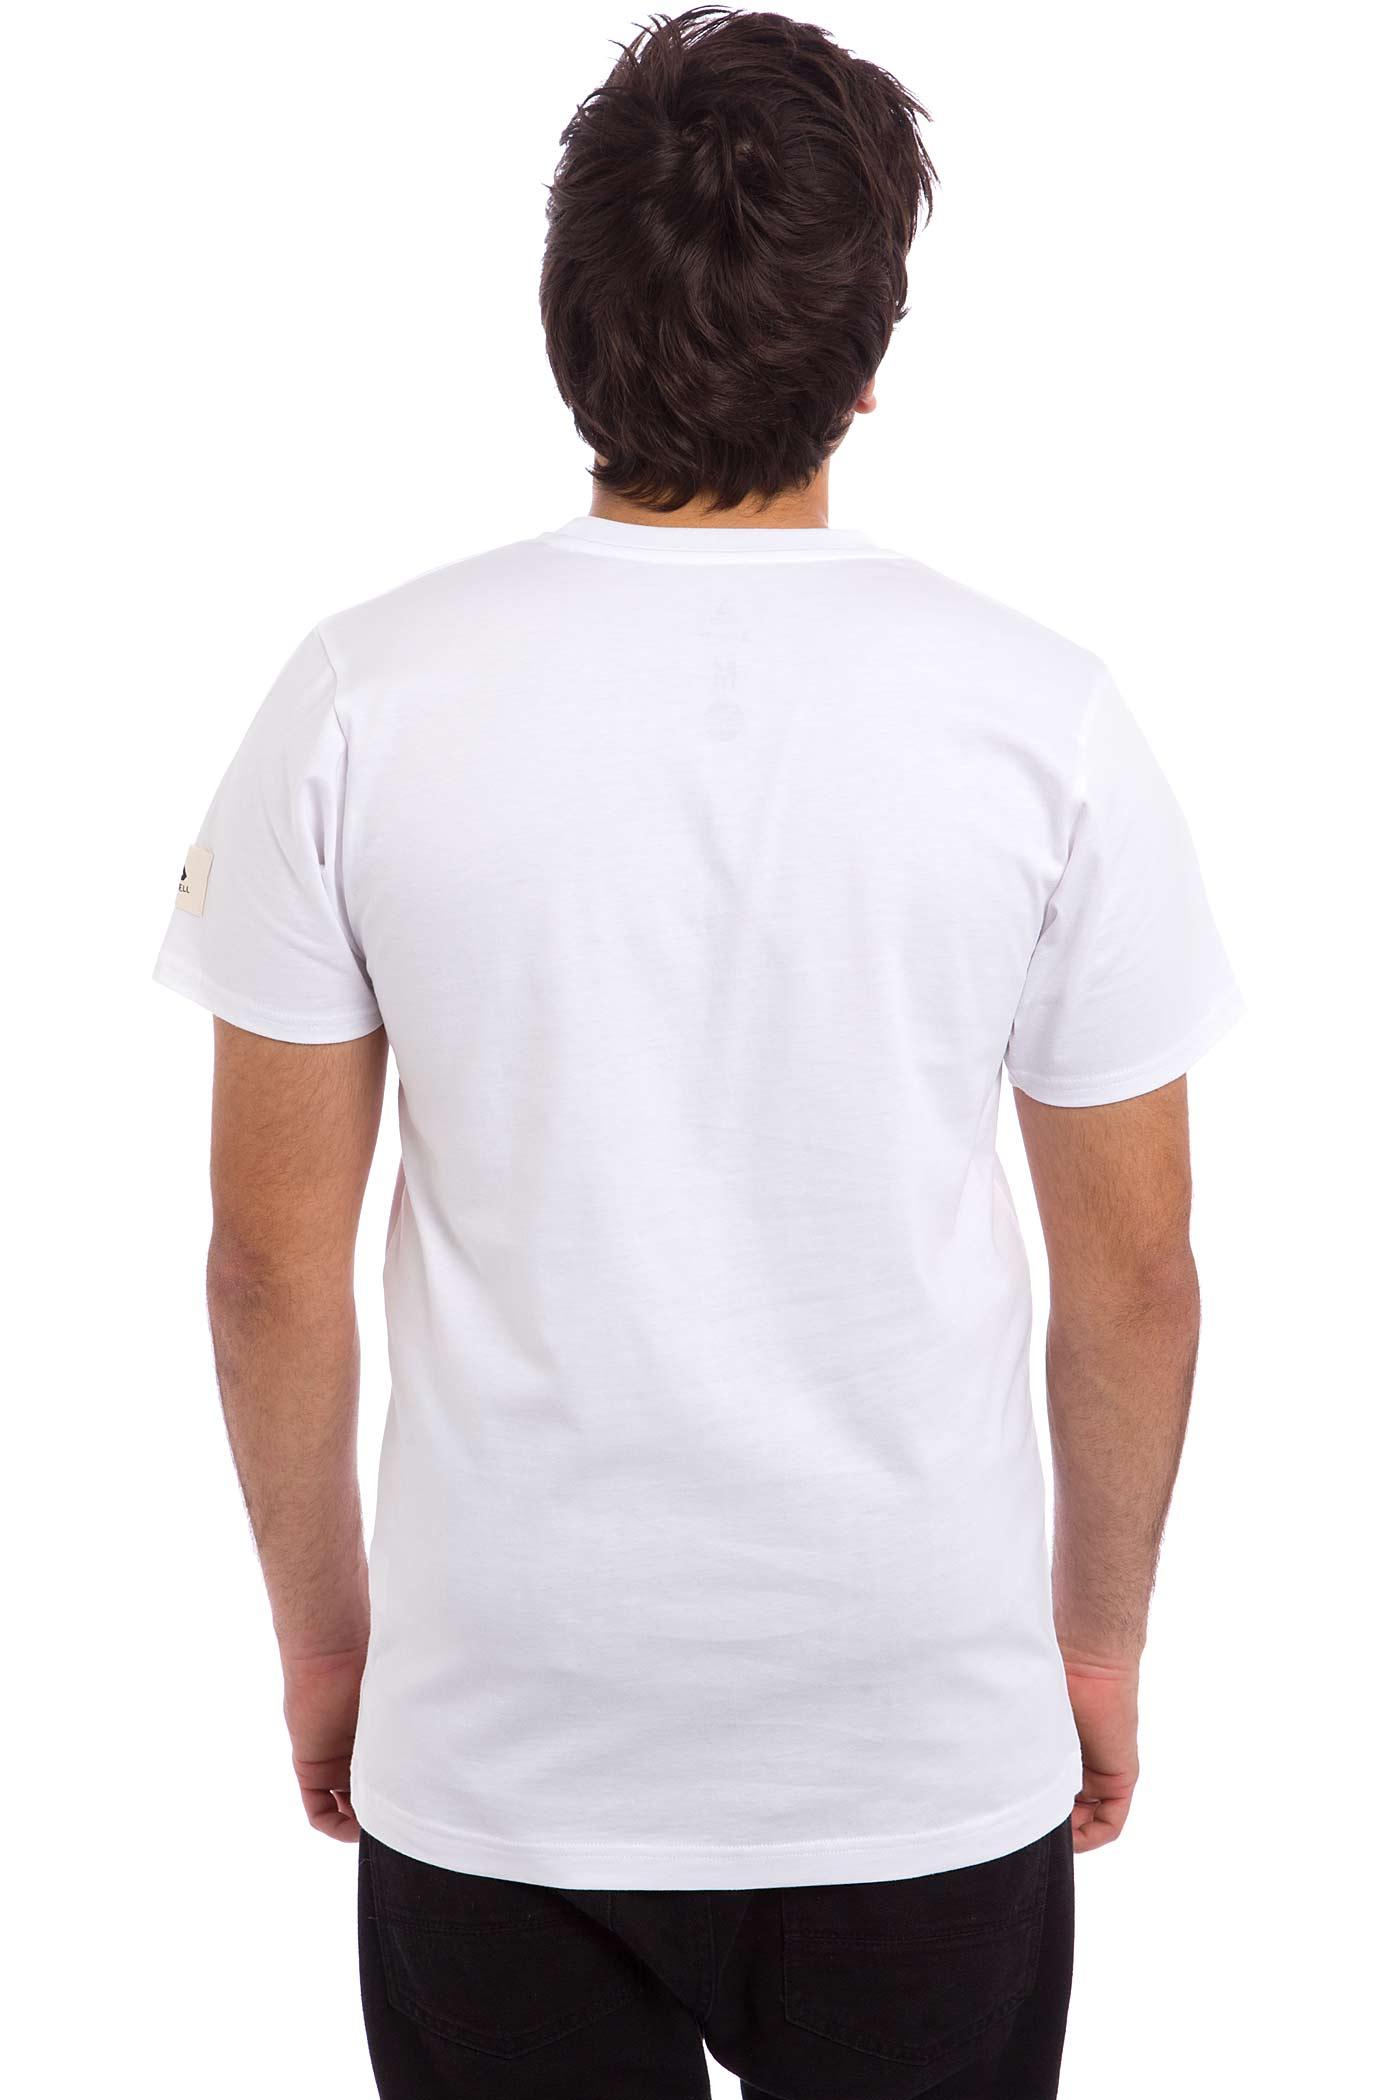 T Anuell Anuell Plain Plain shirtwhite Plain shirtwhite shirtwhite T Anuell T Anuell 5jL34ARqSc